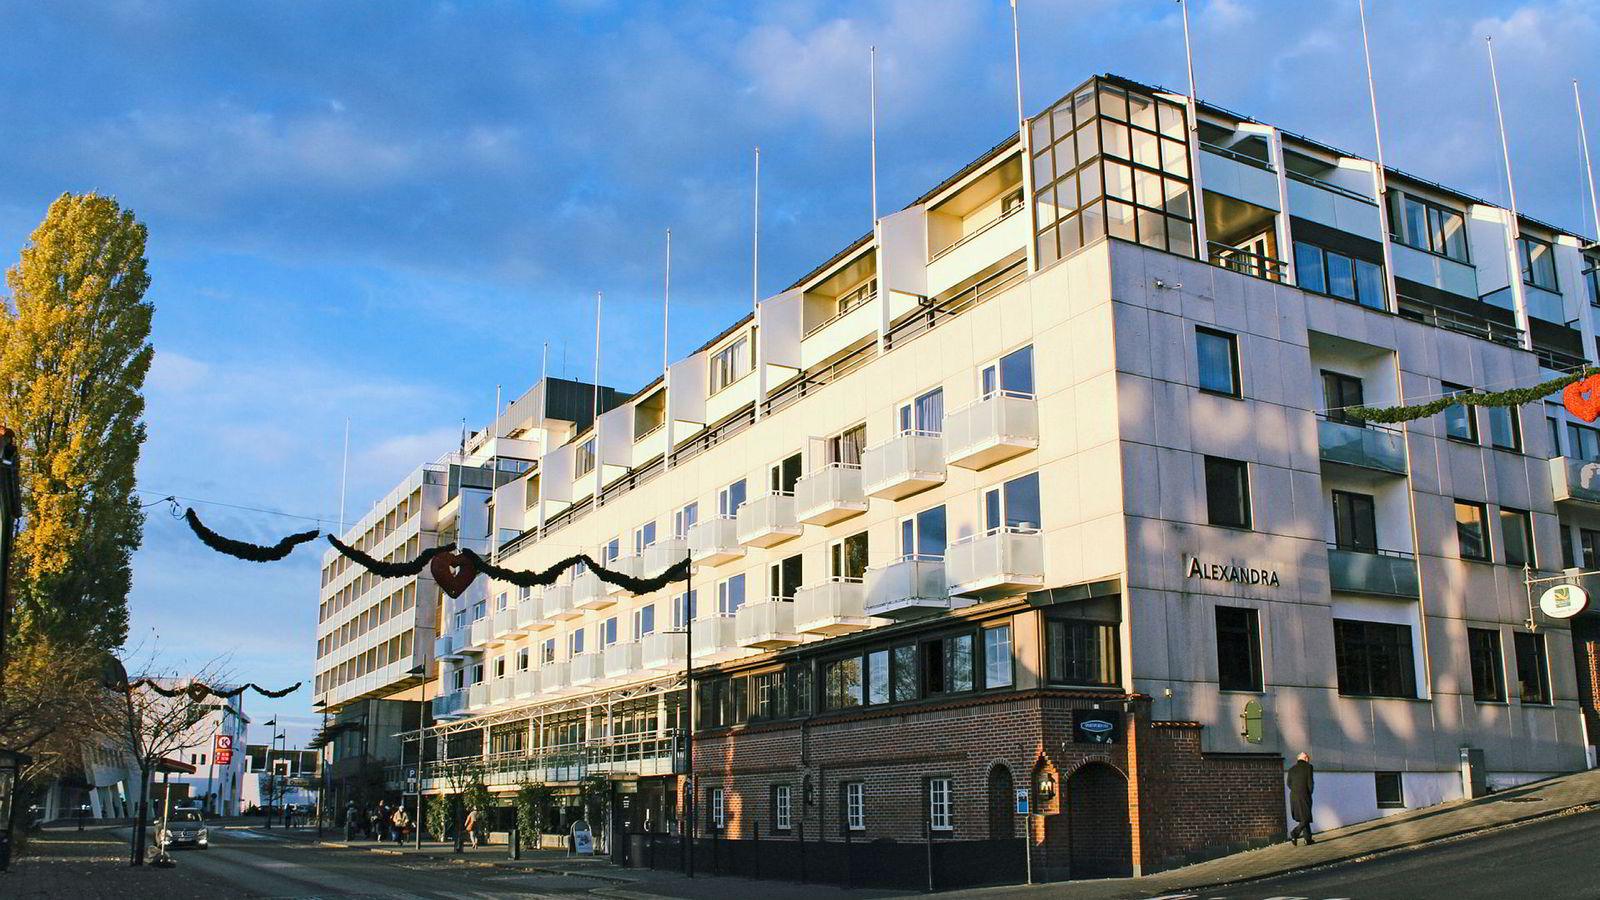 Quality Hotel Alexandra i Molde har vært drevet av Petter A. Stordalens Nordic Choice-kjede siden 1990-tallet. Nå overtar erkerivalen Scandic driften.